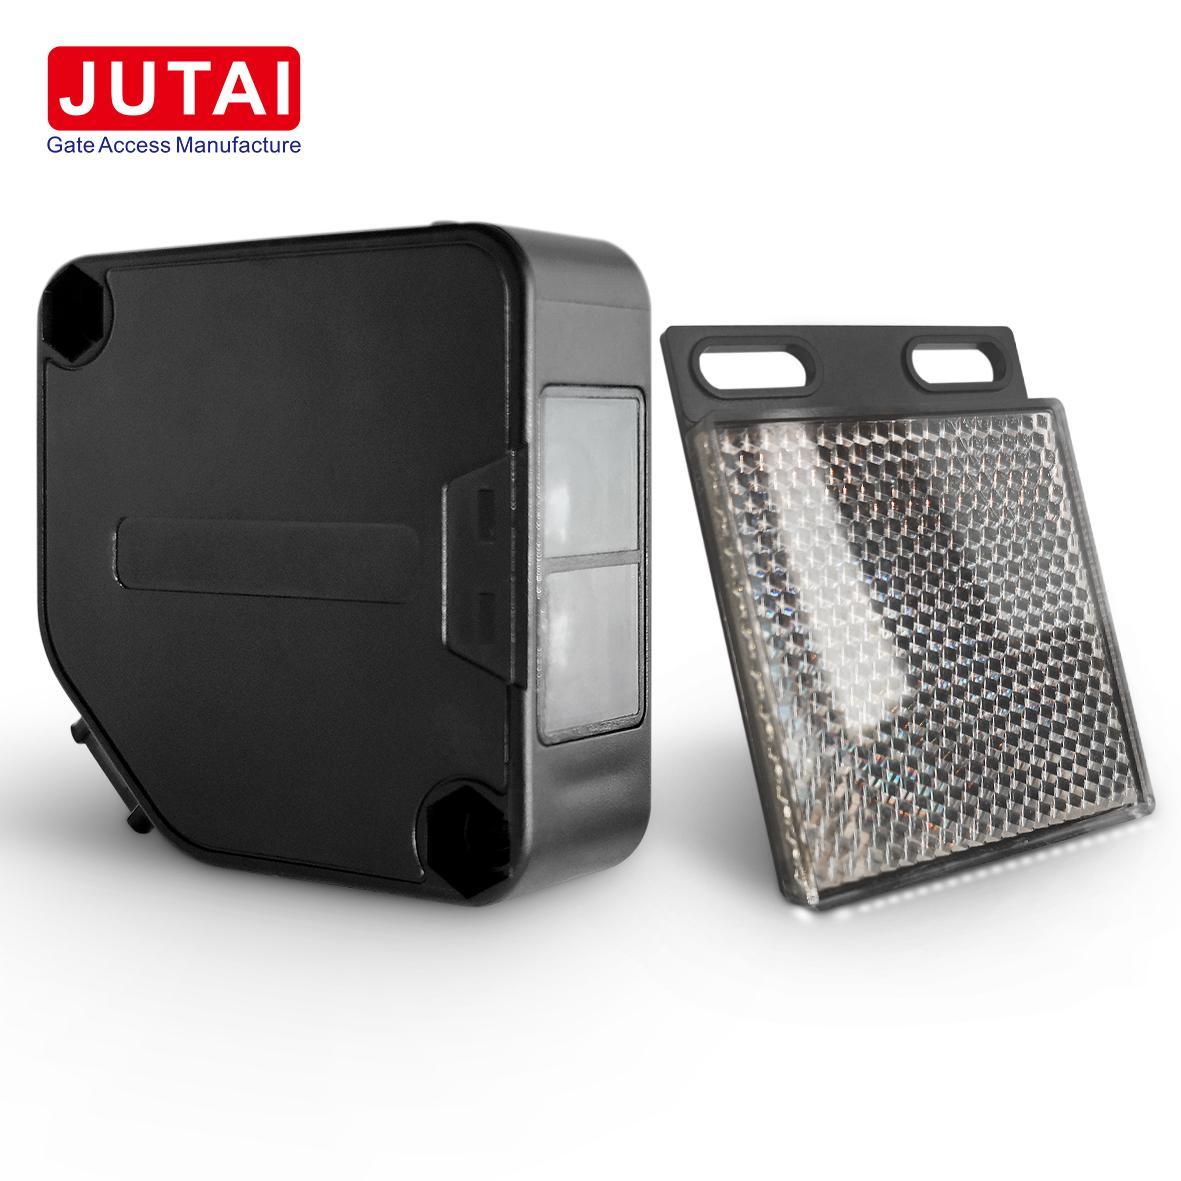 Capteur photoélectrique rétroréfléchissant JUTAI IRR-7M